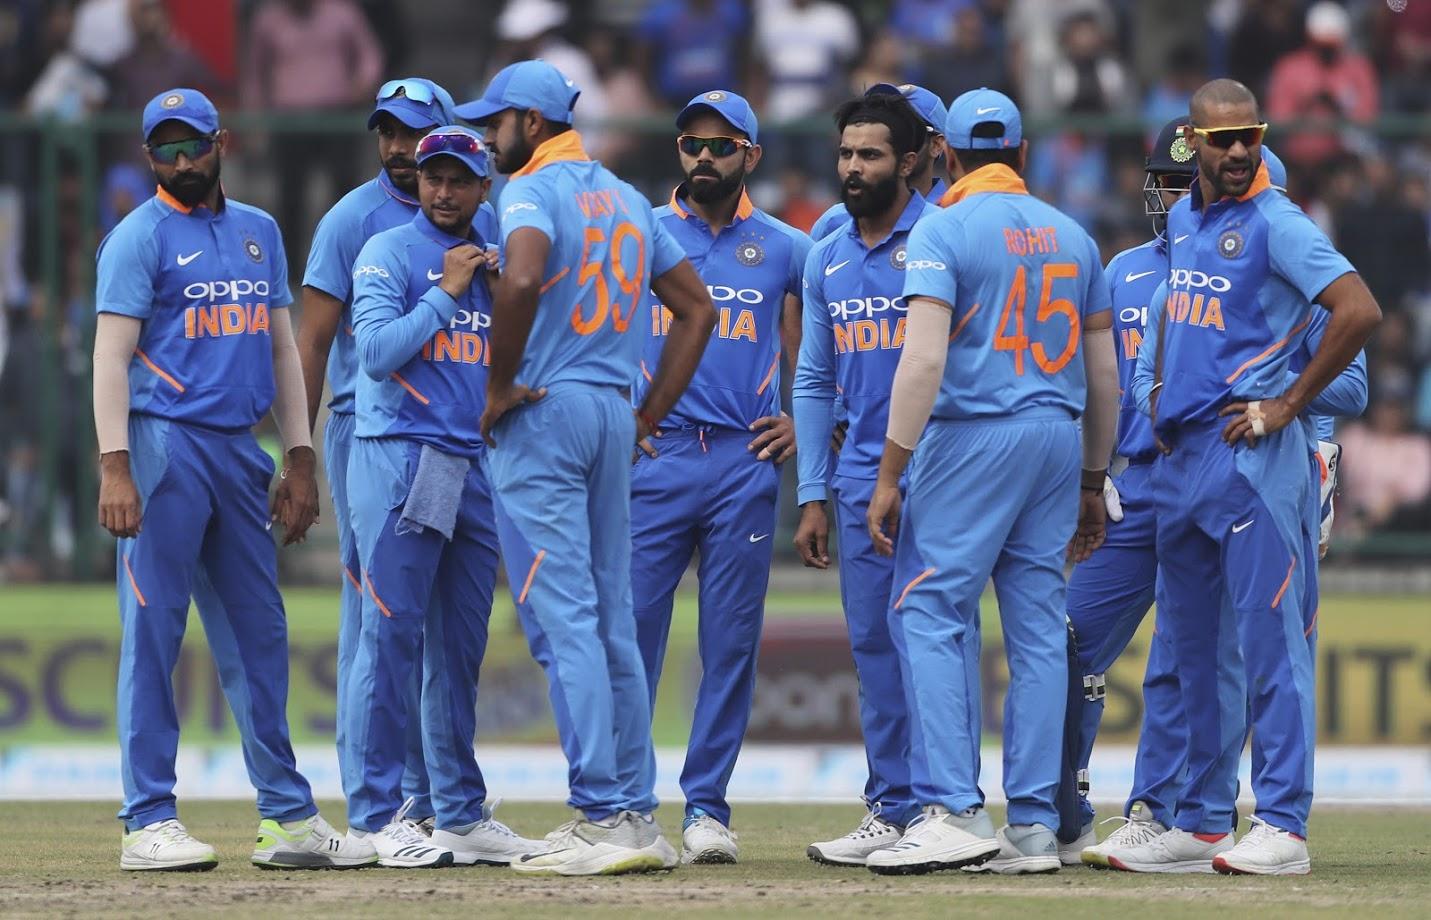 भारतीय क्रिकेट बोर्ड ने आईसीसी 2019 क्रिकेट वर्ल्ड कप के लिए 15 खिलाड़ियों ऐलान किया है. इस टीम की कमान विराट कोहली के हाथों में हैं तो 'हिटमैन' रोहित शर्मा को उपकप्तानी की जिम्मेदारी सौंपी गई है. जबकि टीम के सबसे अनुभवी खिलाड़ी महेंद्र सिंह धोनी को अपना चौथा वर्ल्ड कप खेलने का मौका मिला है. इस टीम में पांच विशेषज्ञ बल्लेबाज, दो विकेटकीपर-बल्लेबाज, तीन स्पिनर, दो सीम ऑलराउंडर और तीन तेज गेंदबाजों को शामिल किया गया है. जबकि इन 15 खिलाड़ियों को कुल 1573 वनडे मैचों का अनुभव हासिल है.